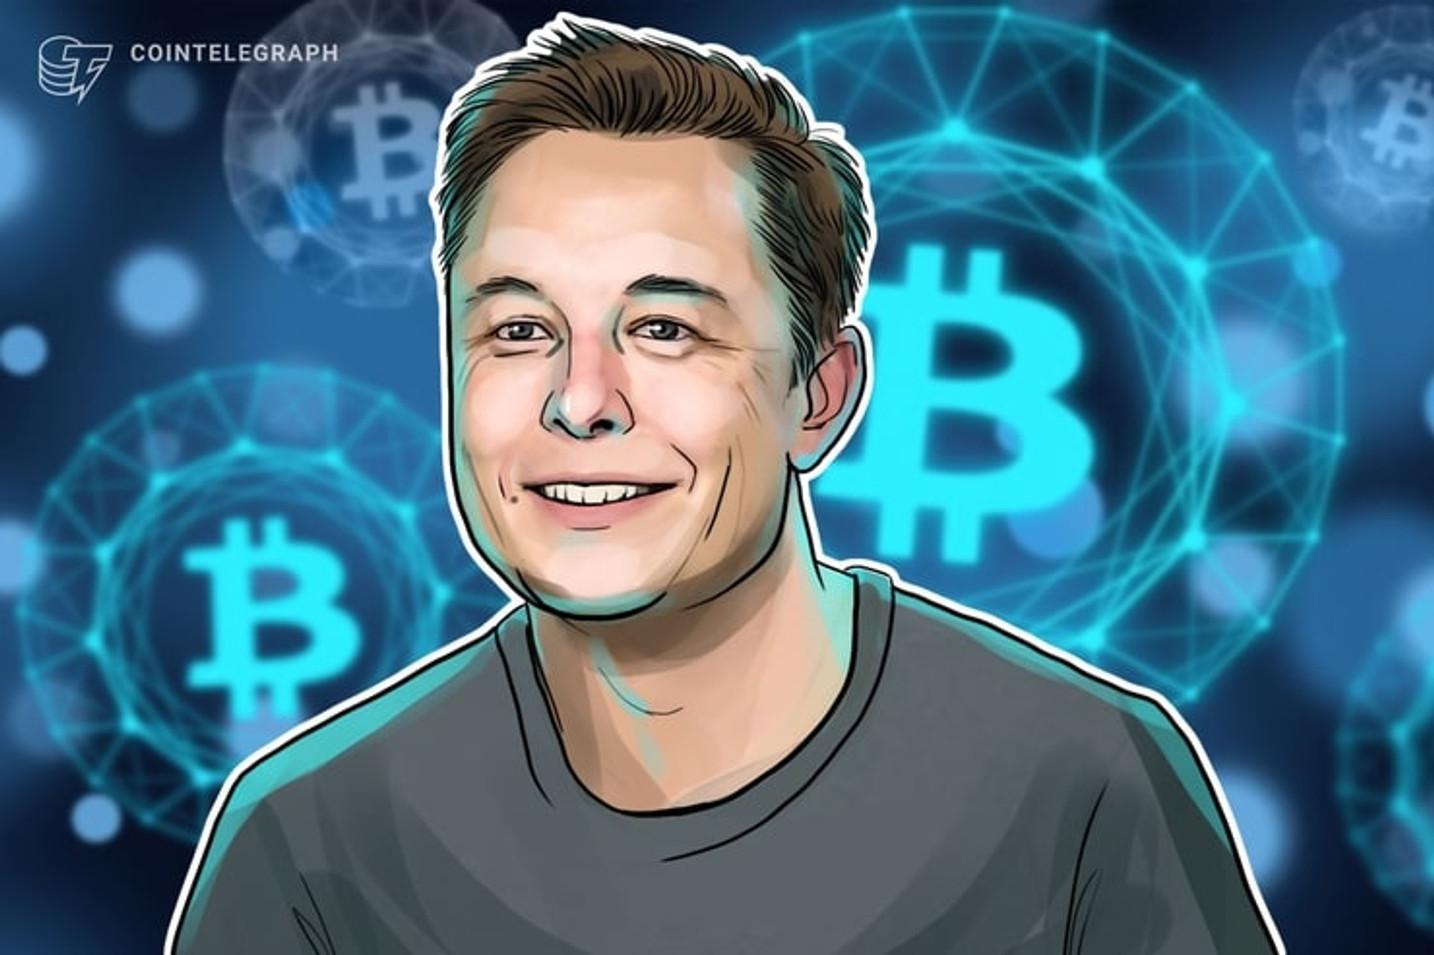 Elon Musk habla sobre Bitcoin en Twitter en polémico post sobre criptomonedas